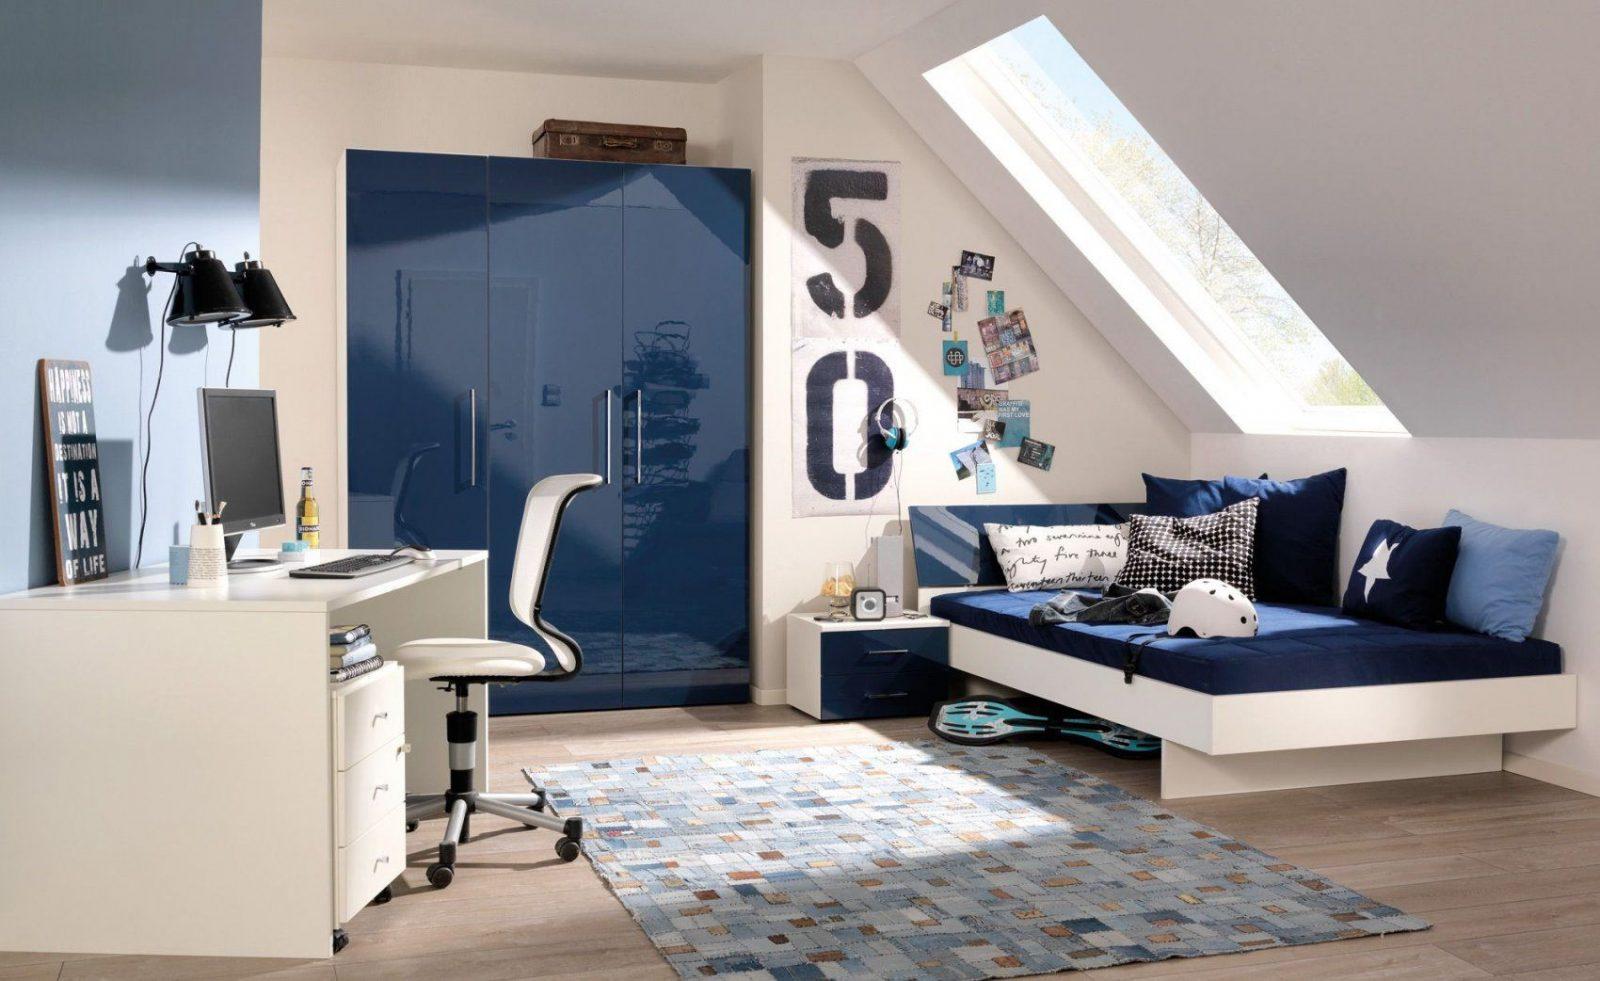 Jugendzimmer In Dunkelblau Und Creme Gestalten Jugendzimmer Avec von Kinderzimmer Mit Dachschräge Gestalten Photo